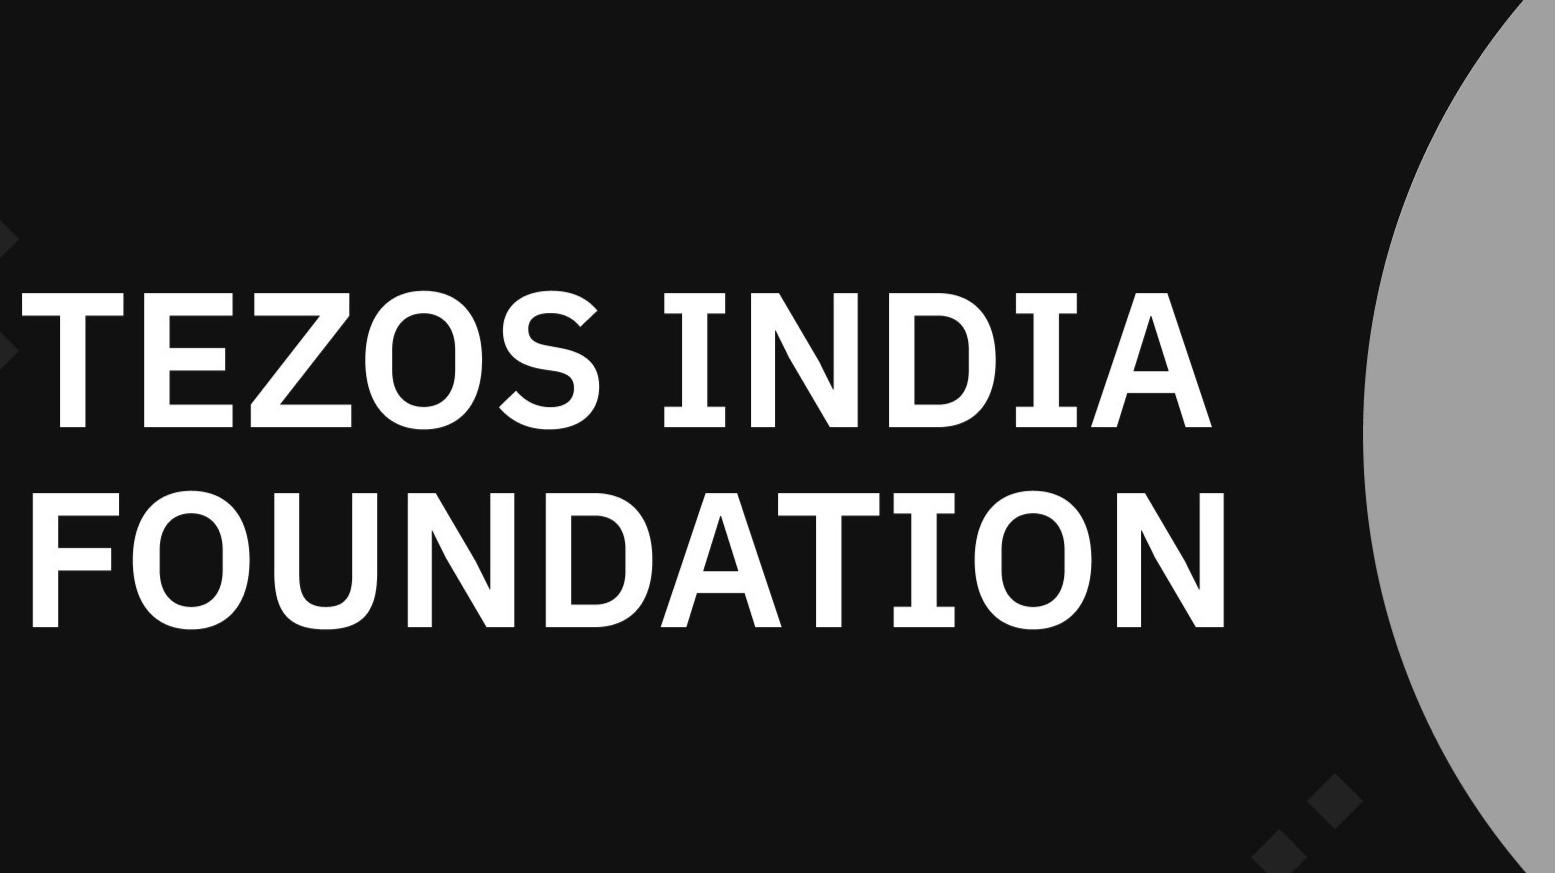 Tezos Foundation India Binance